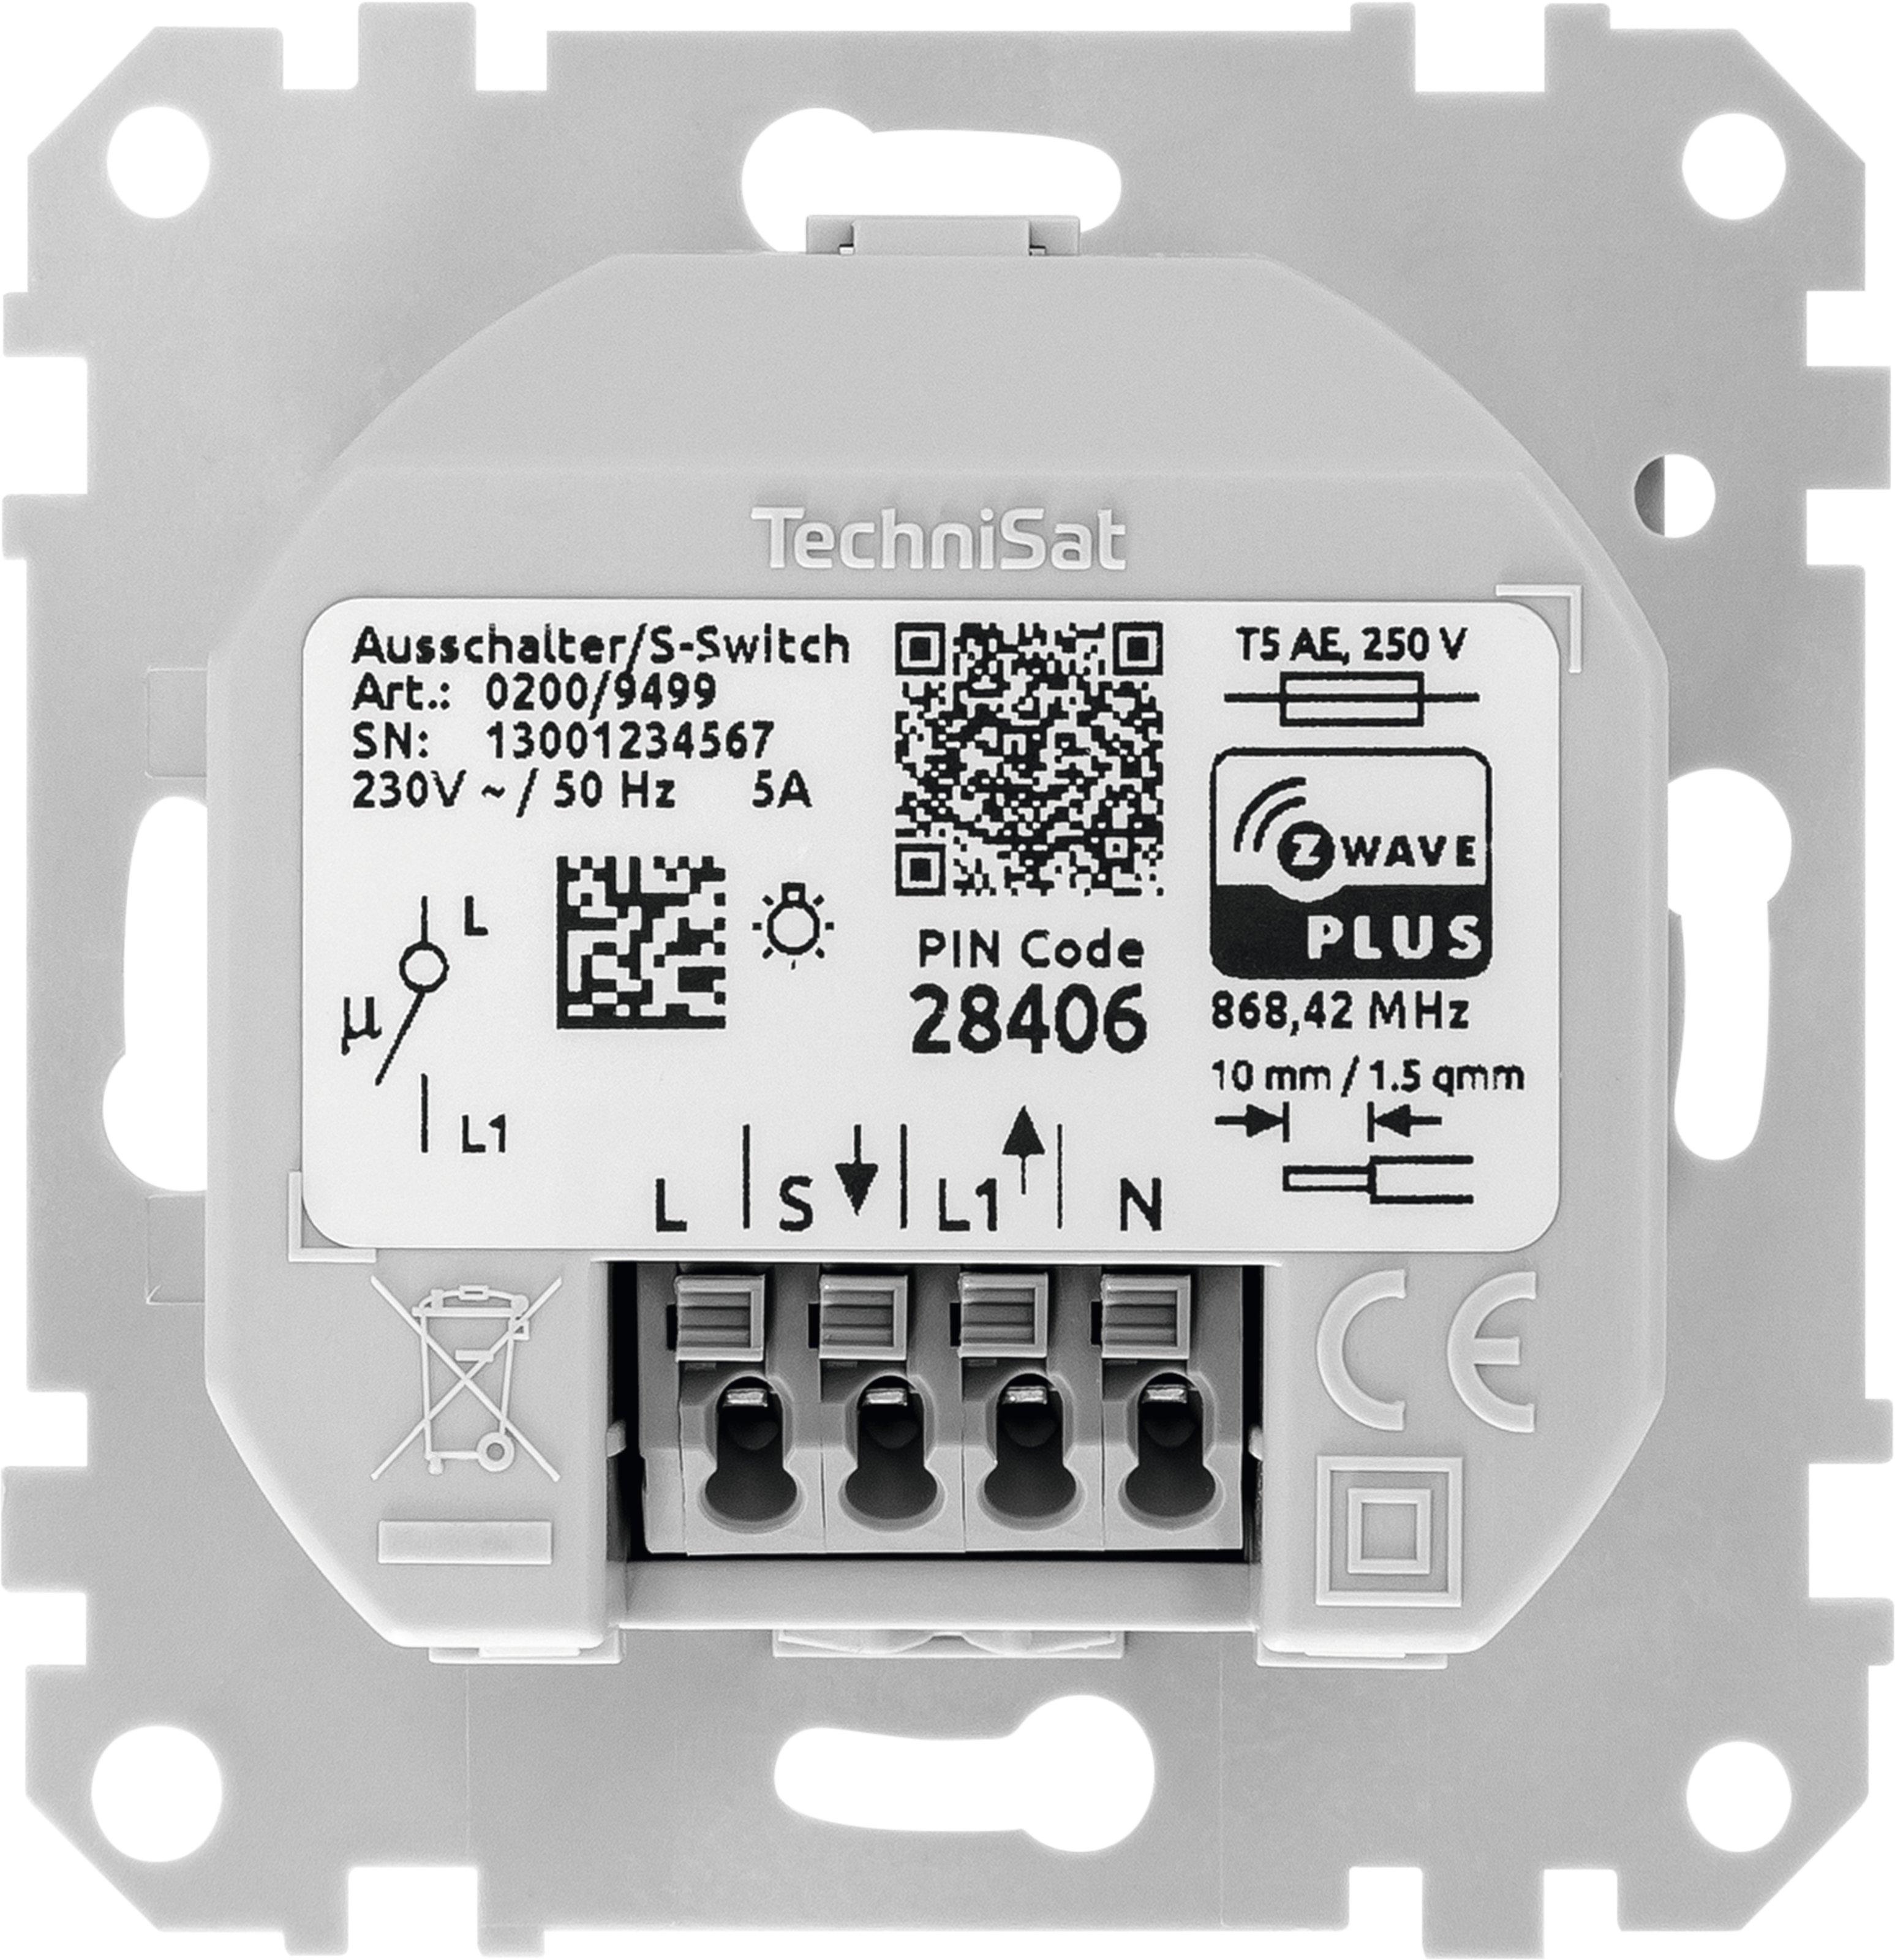 TechniSat Ausschalter Einsatz, Merten   ottosystem GmbH